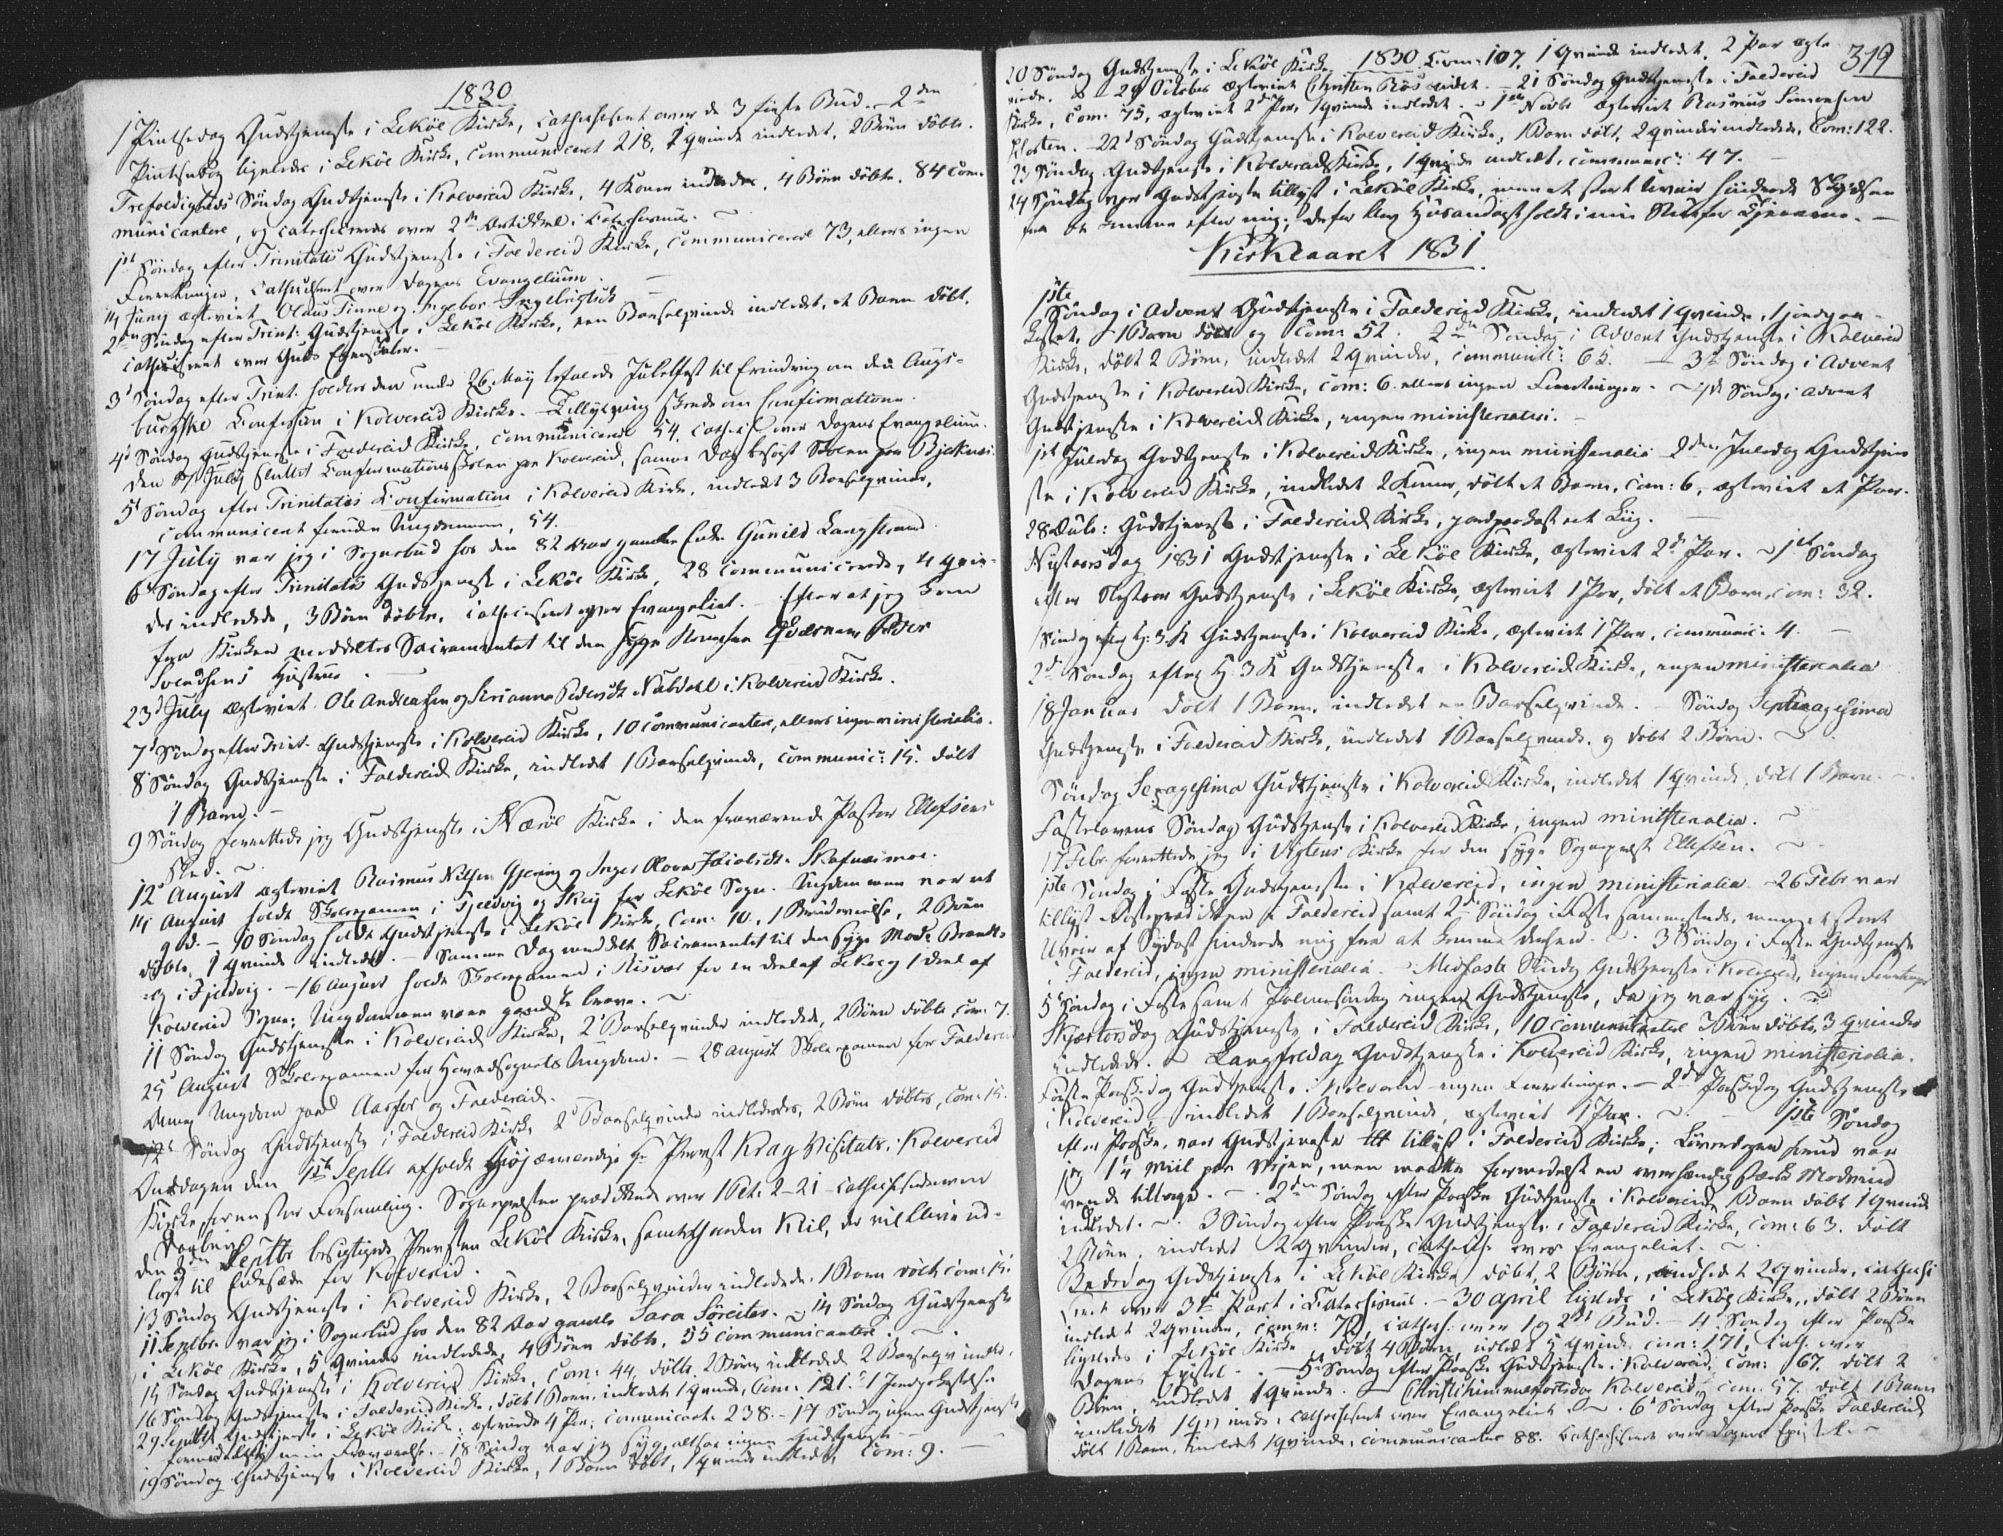 SAT, Ministerialprotokoller, klokkerbøker og fødselsregistre - Nord-Trøndelag, 780/L0639: Ministerialbok nr. 780A04, 1830-1844, s. 319